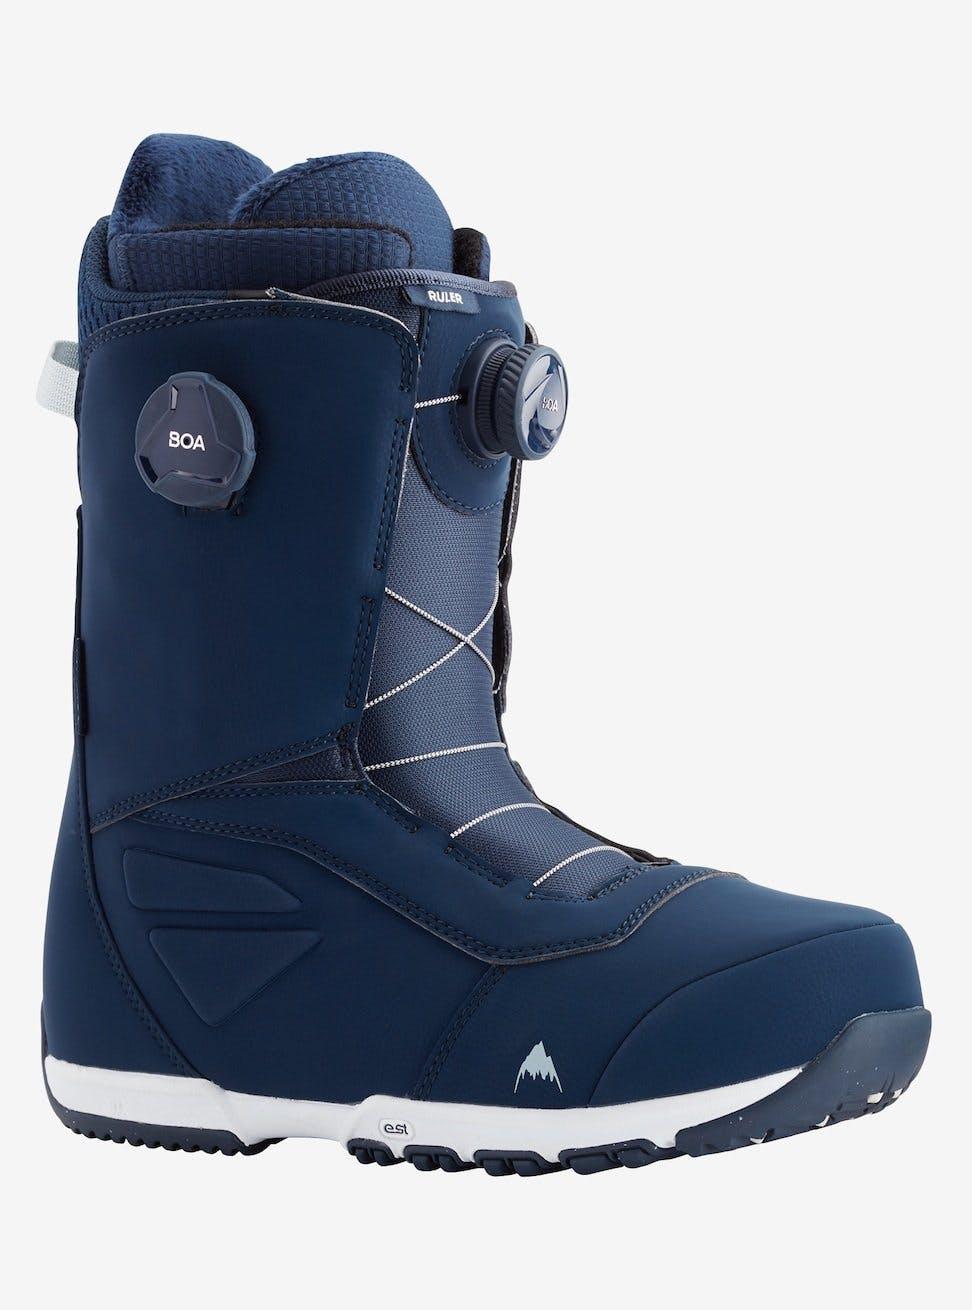 Burton Ruler BOA Snowboard Boots · 2021